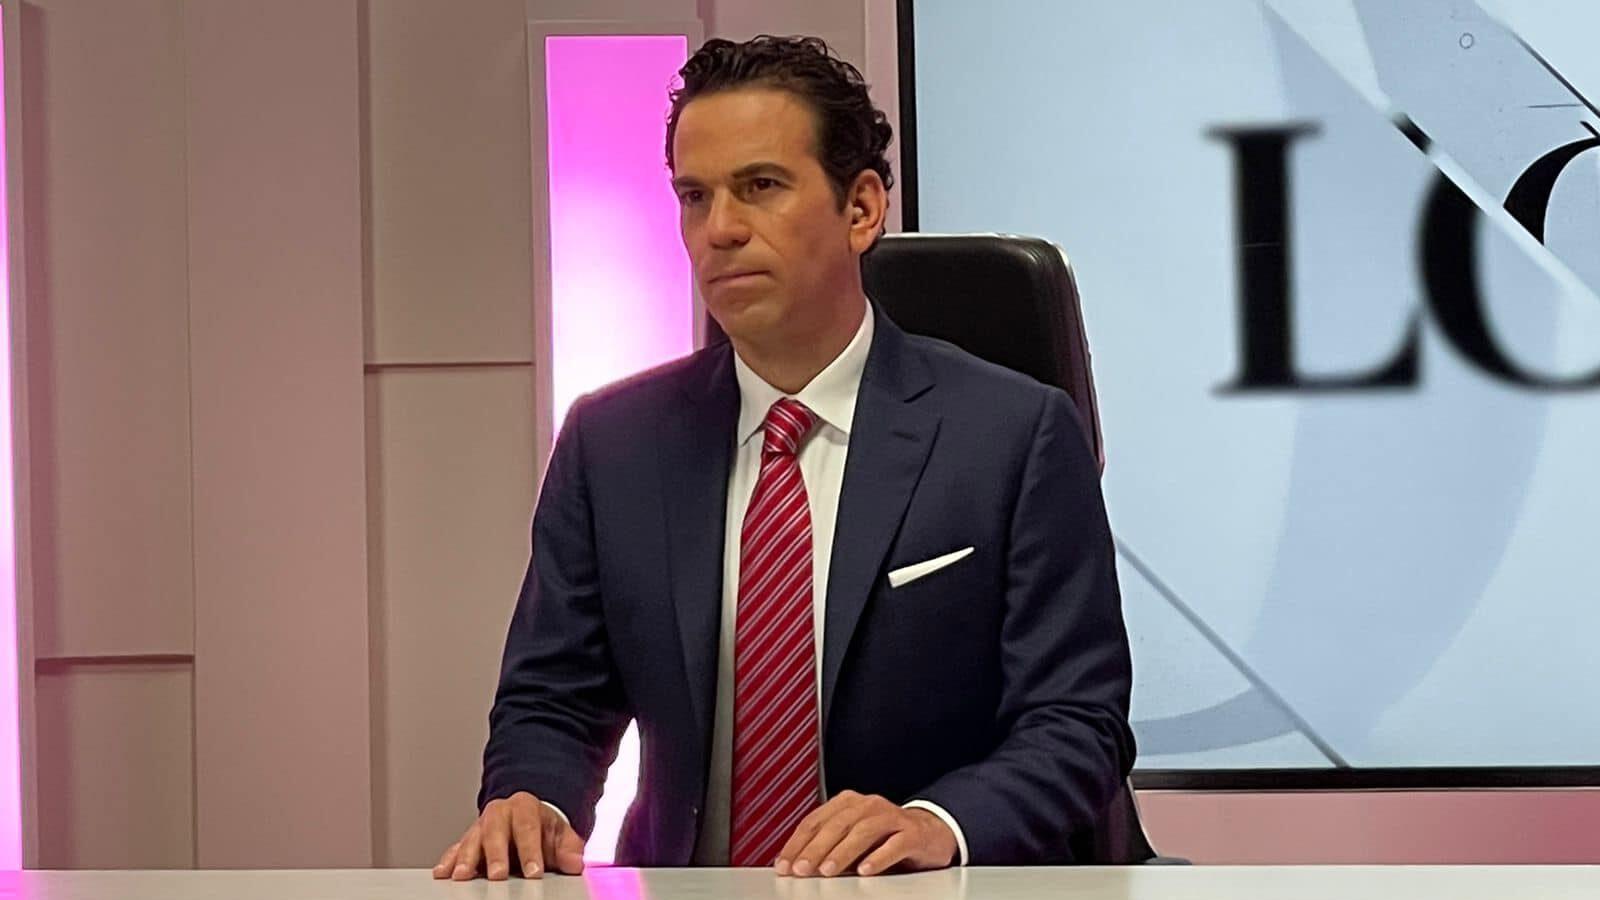 Carlos Loret de Mola